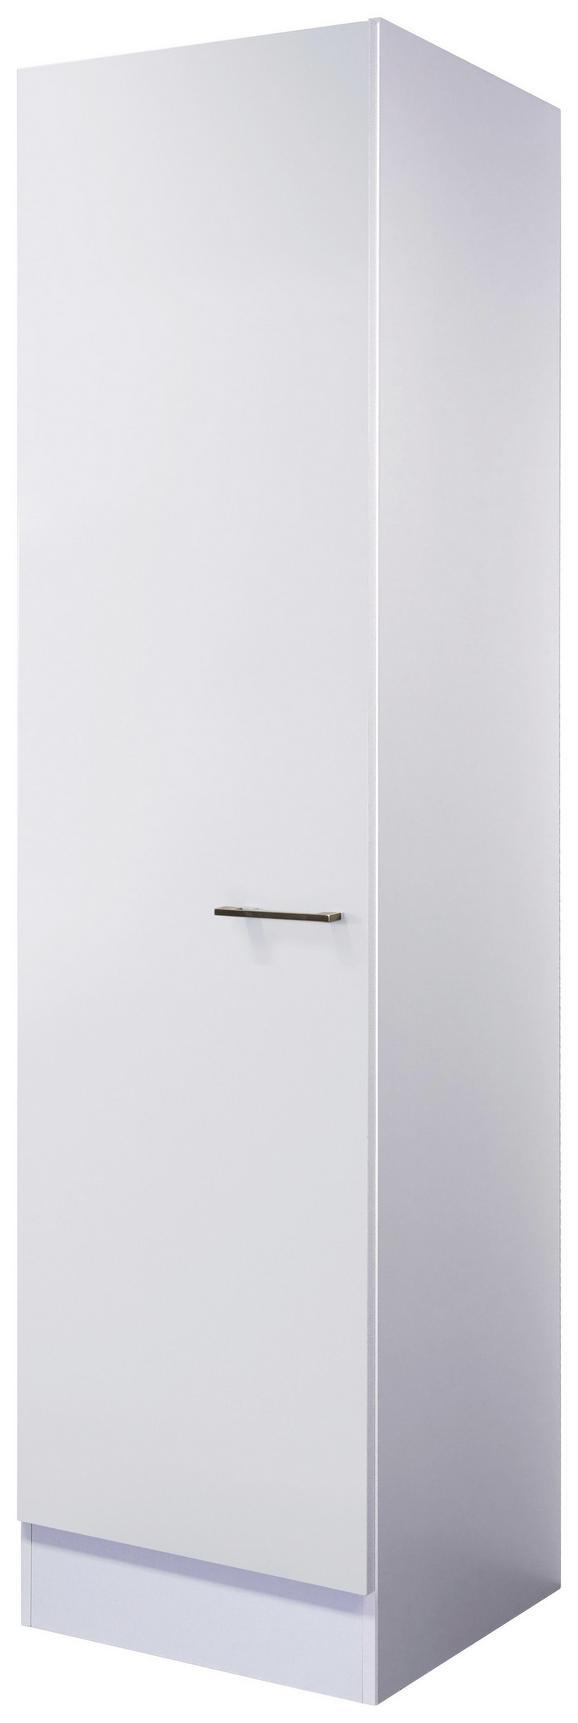 Geschirrschrank Weiß - Edelstahlfarben/Weiß, MODERN, Holzwerkstoff/Metall (50/200/57cm)